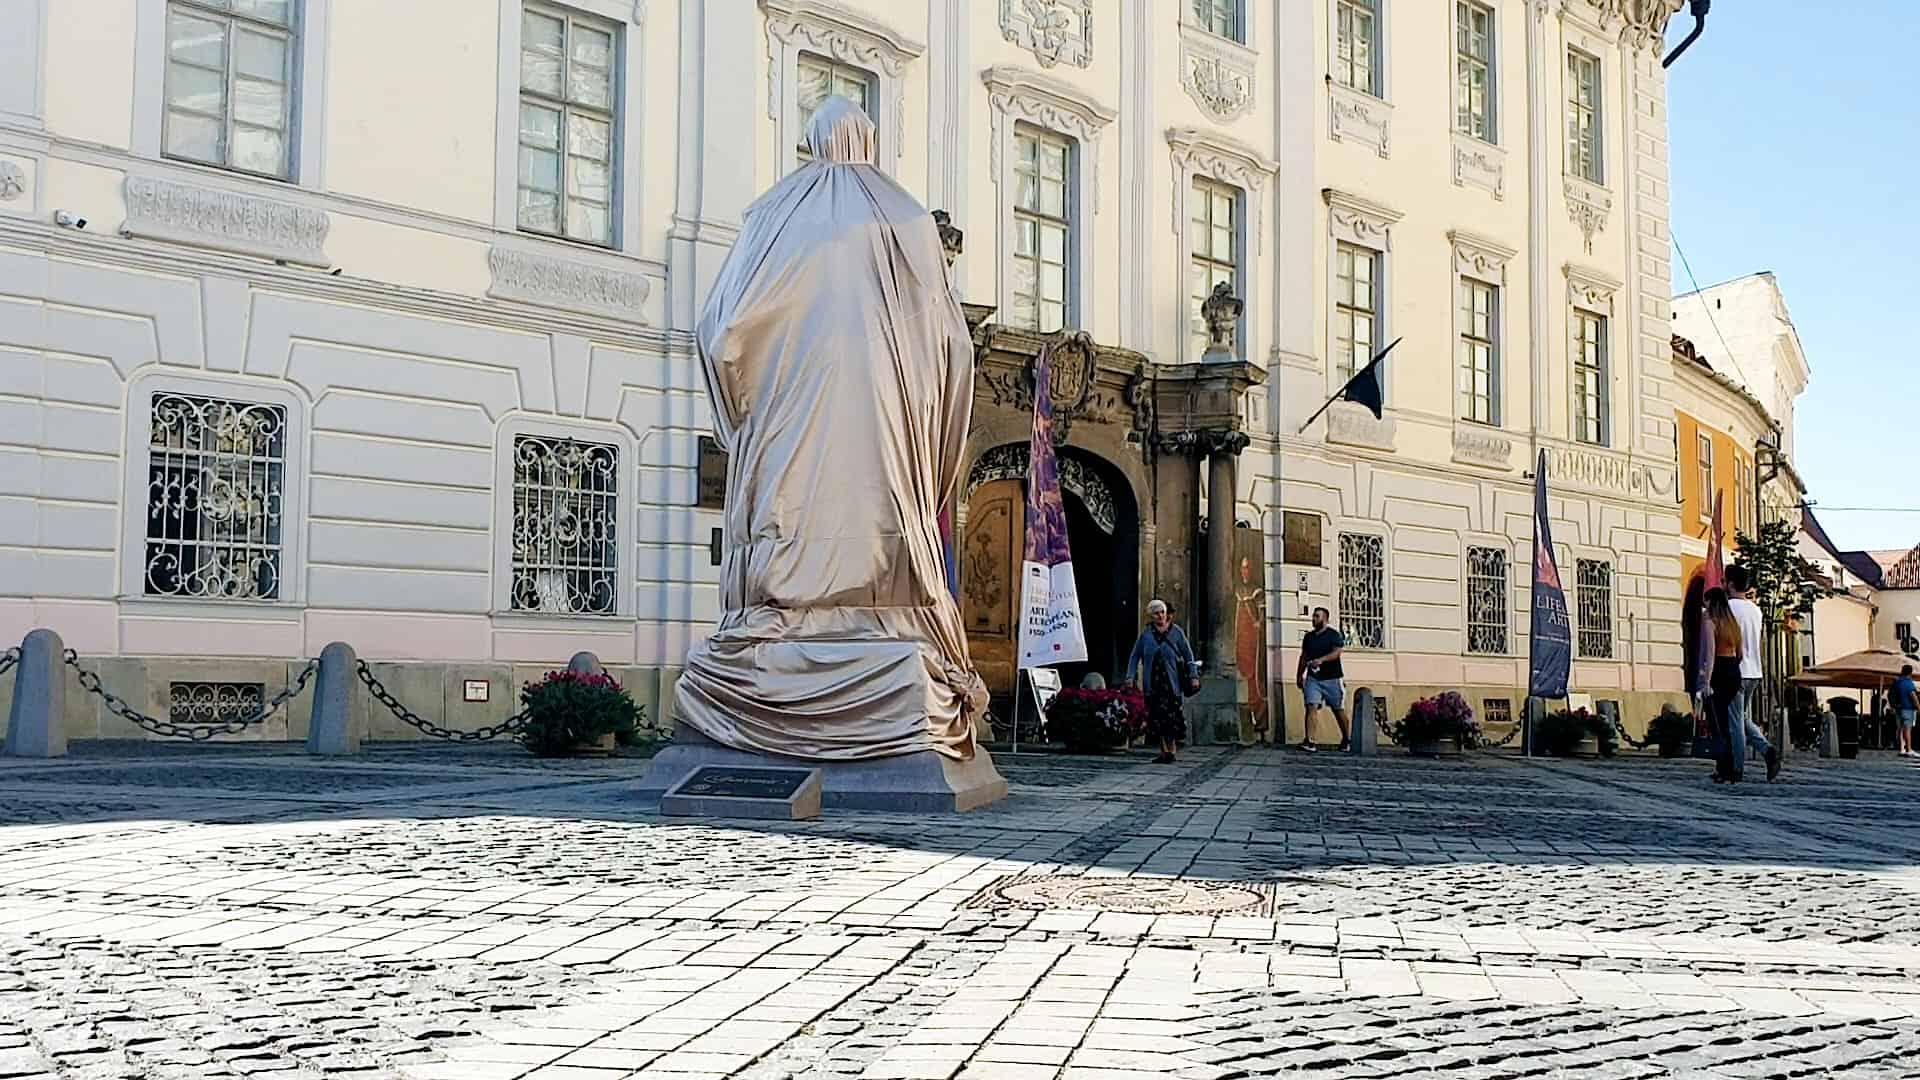 tatuia baronului Brukenthal a ajuns in Piata Mare Presedintele Iohannis asteptat la dezvelire 2